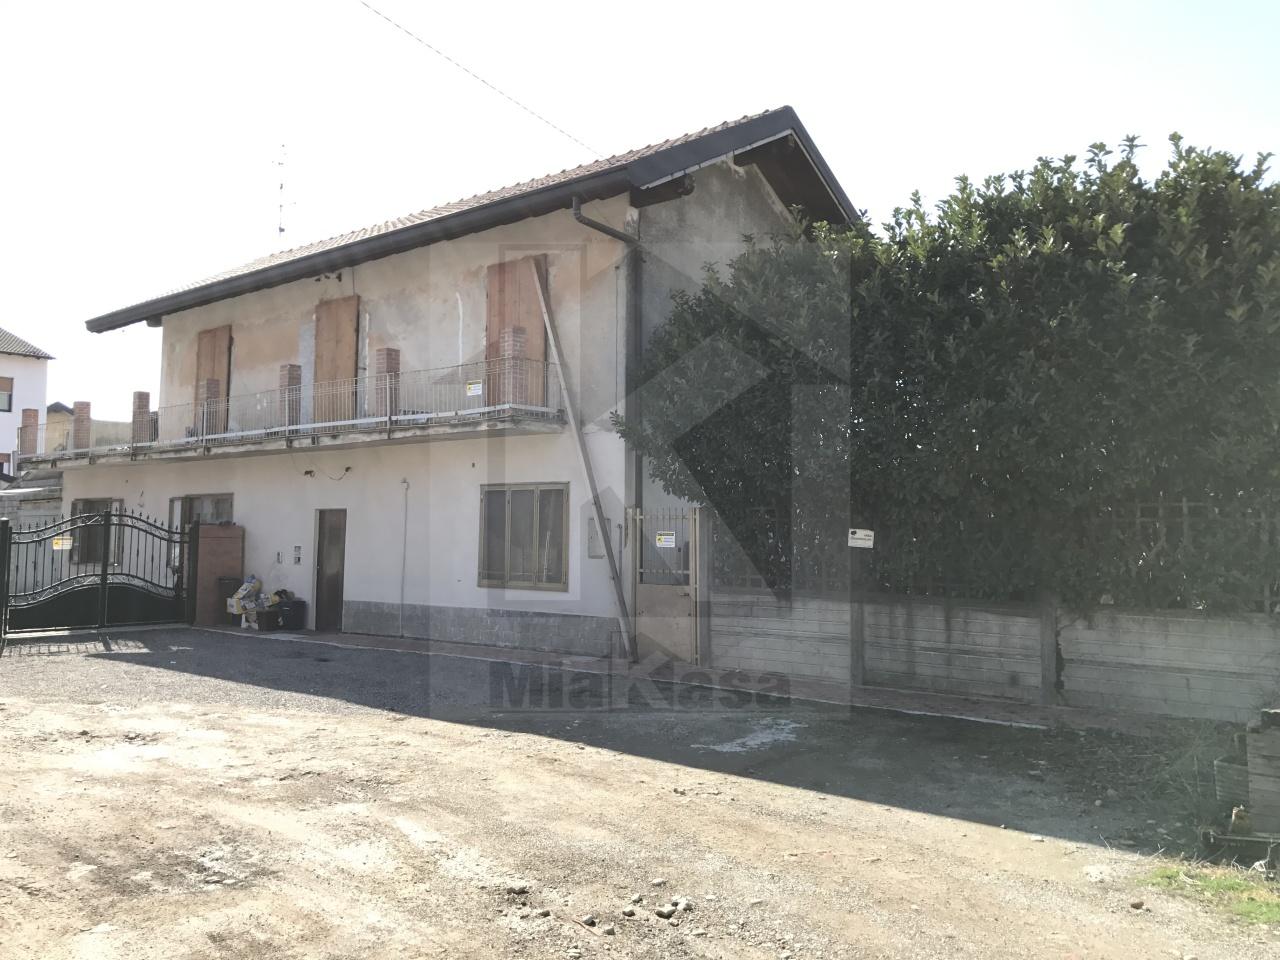 Soluzione Indipendente in vendita a Uboldo, 6 locali, prezzo € 210.000 | Cambio Casa.it